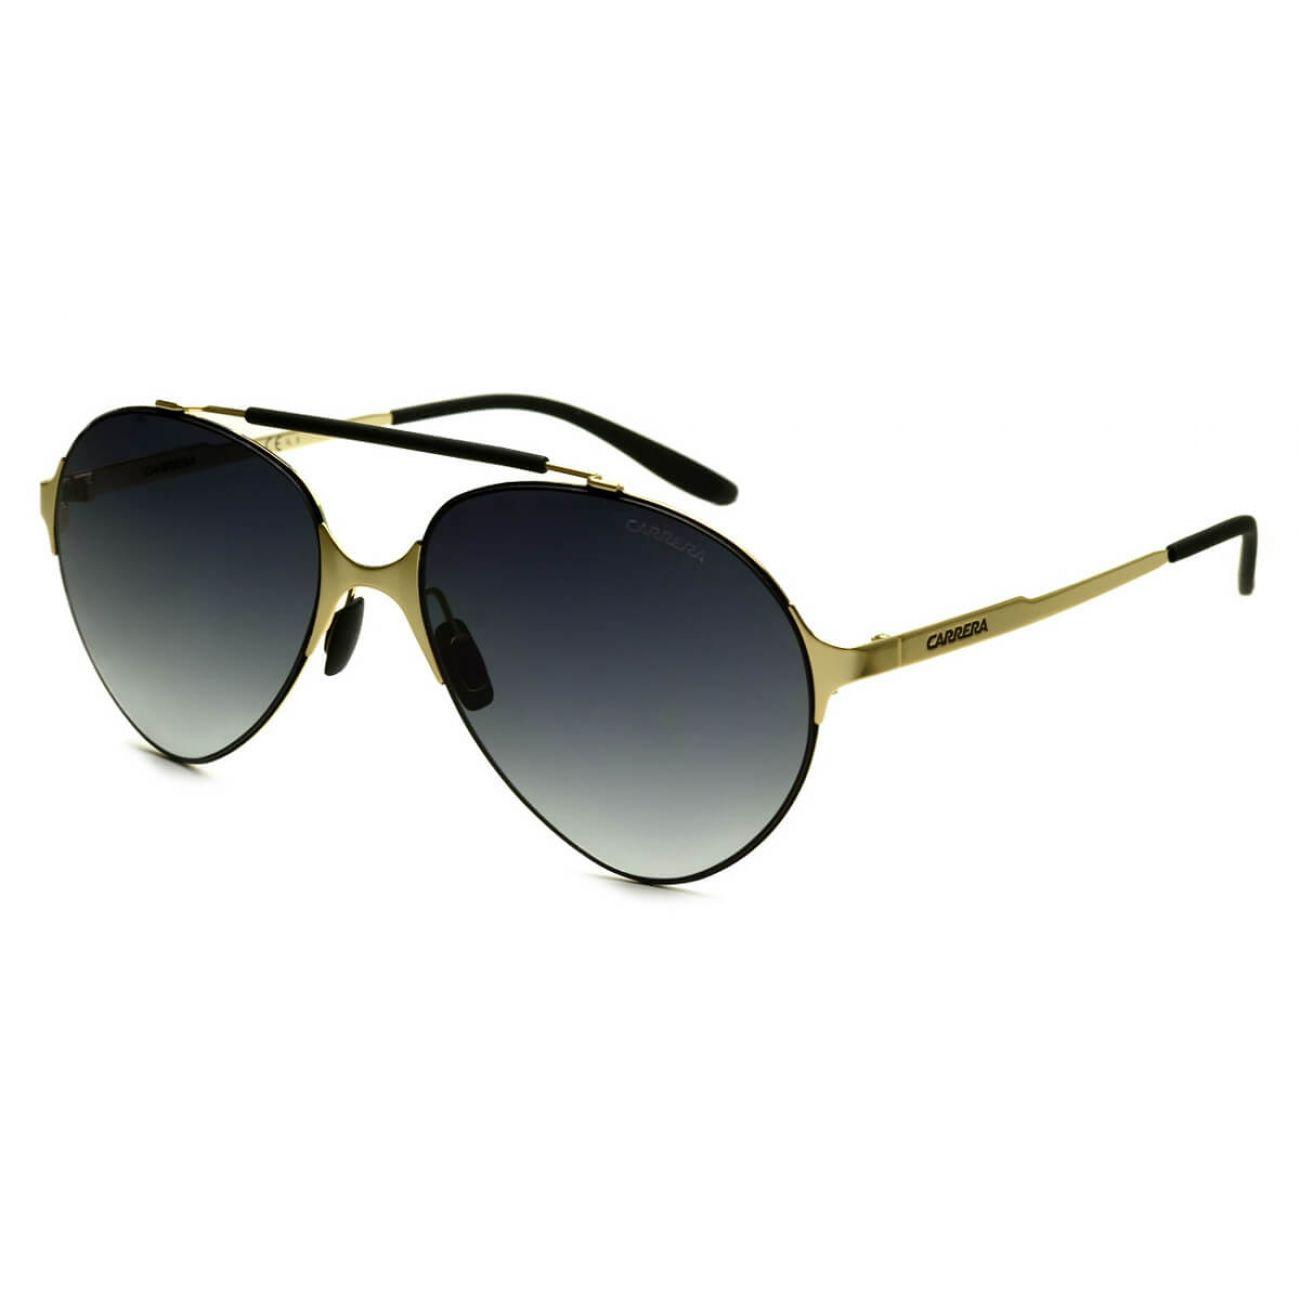 Férfi napszemüvegek Szemüvegkeret színe Fekete Lencse színe